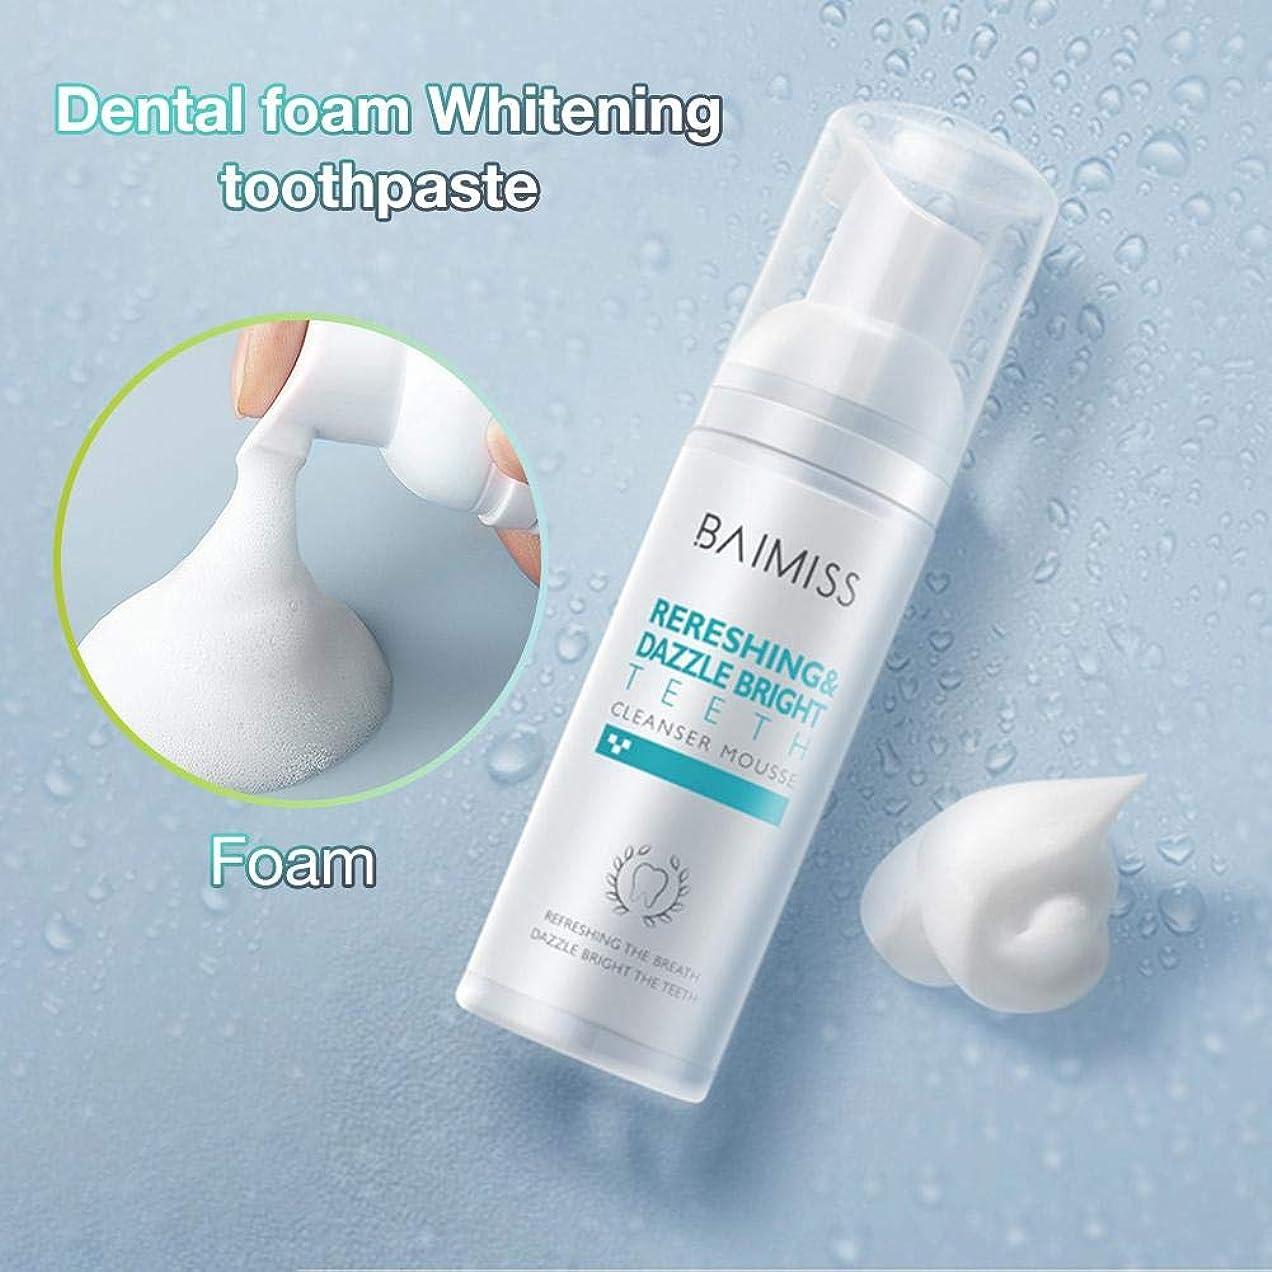 つかいますファンブル老朽化した歯科用フォーム液体歯磨 クリアクリーン デンタル ホワイトニング マウスウォッシュ 口内洗浄液 低刺激 60ml 口の自然な防御力を強化60ml